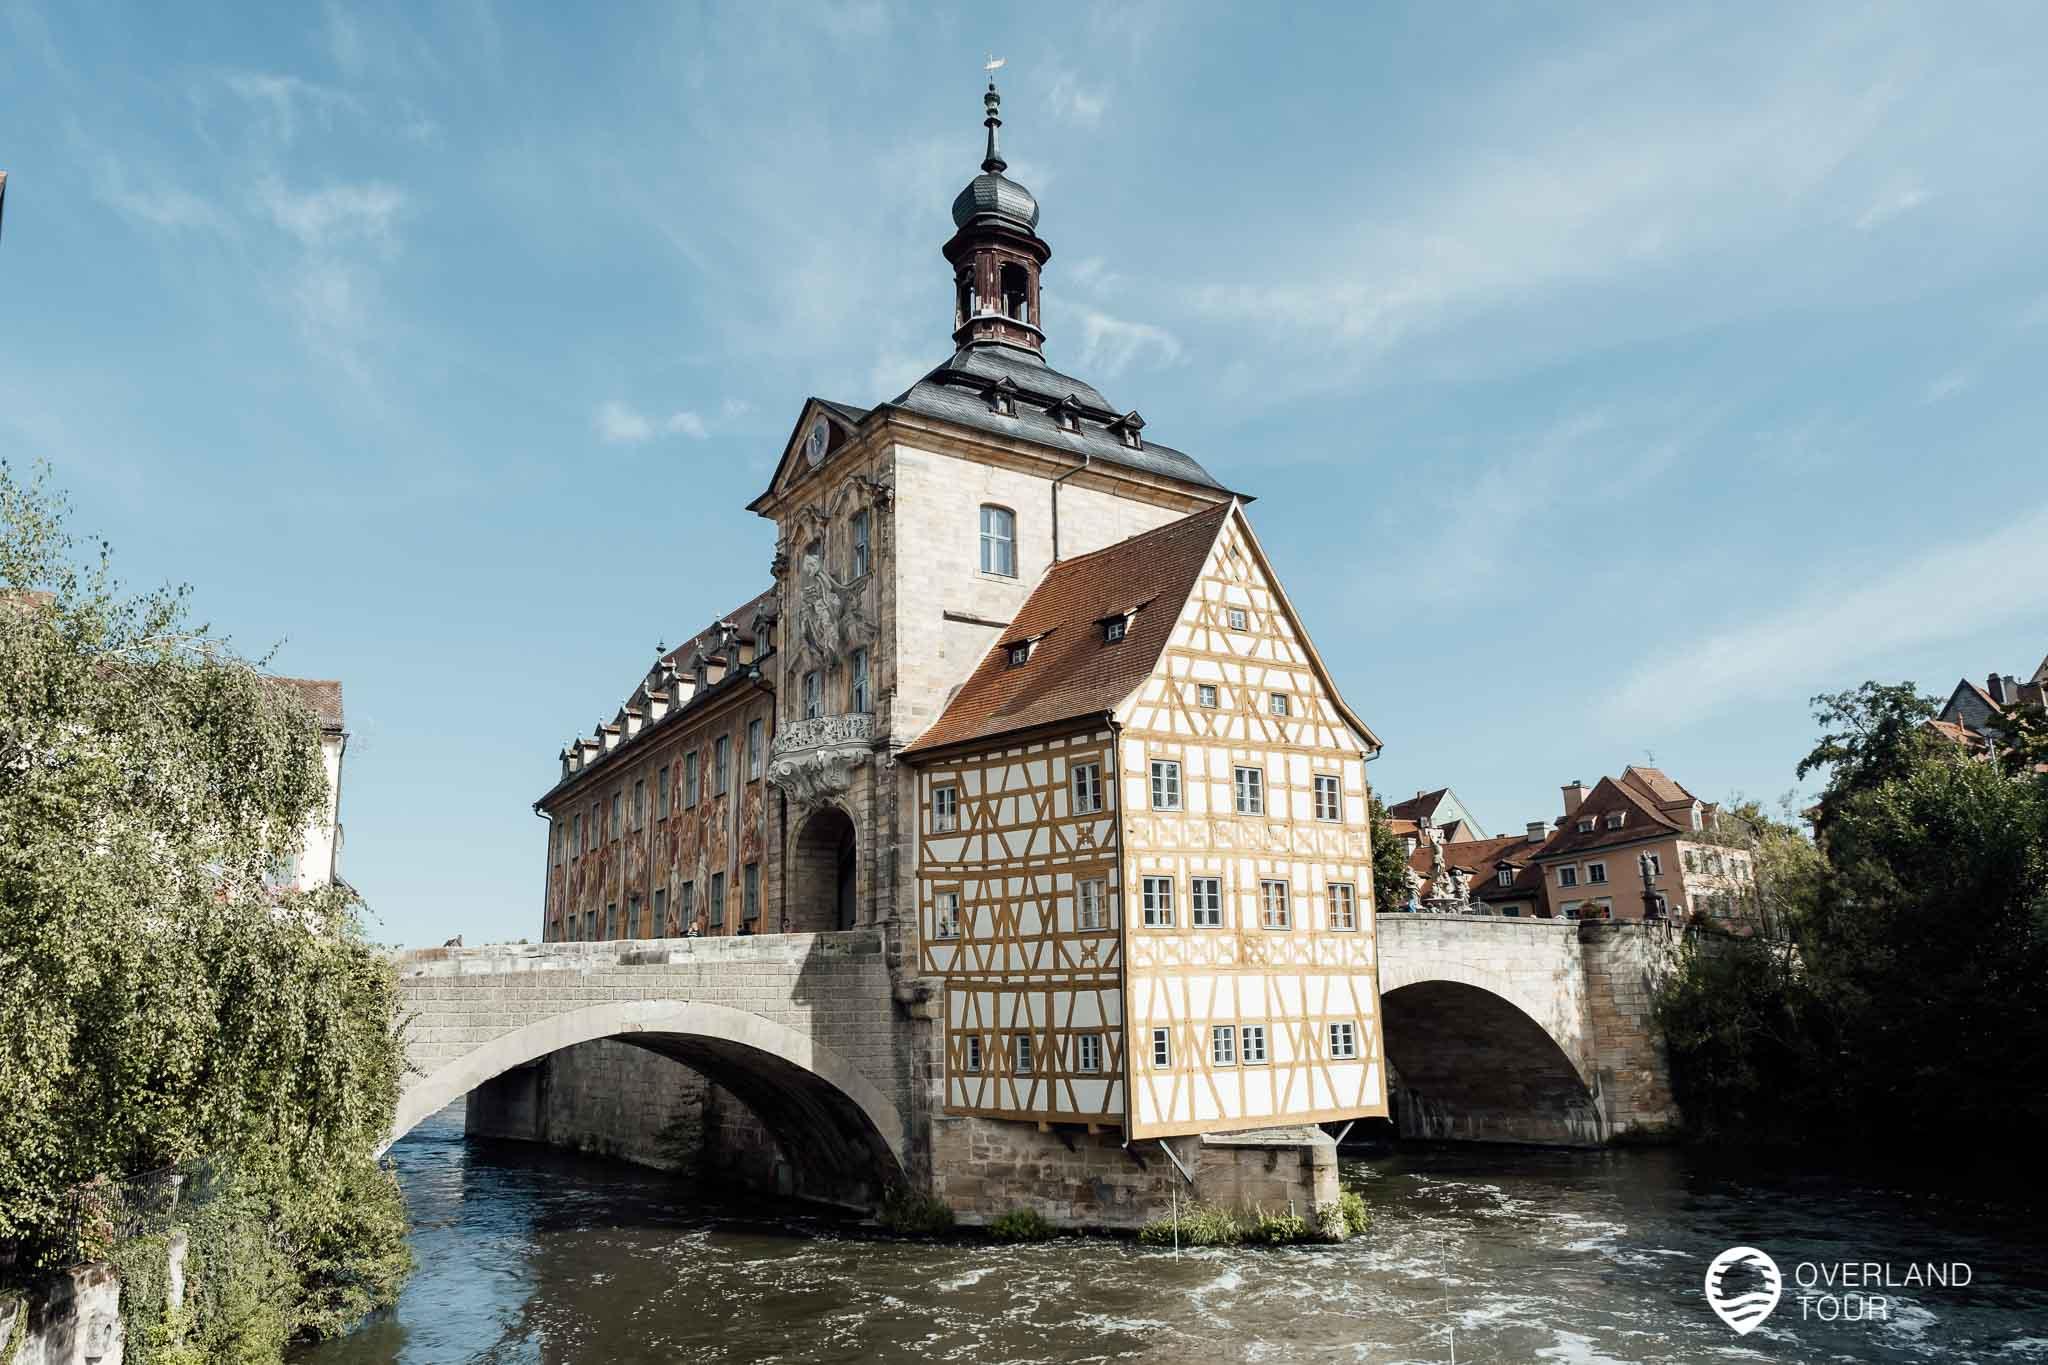 Vom Geyerswörthsteg aus fotografiert - der beste Fotoplatz für das Alte Rathaus von Bamberg